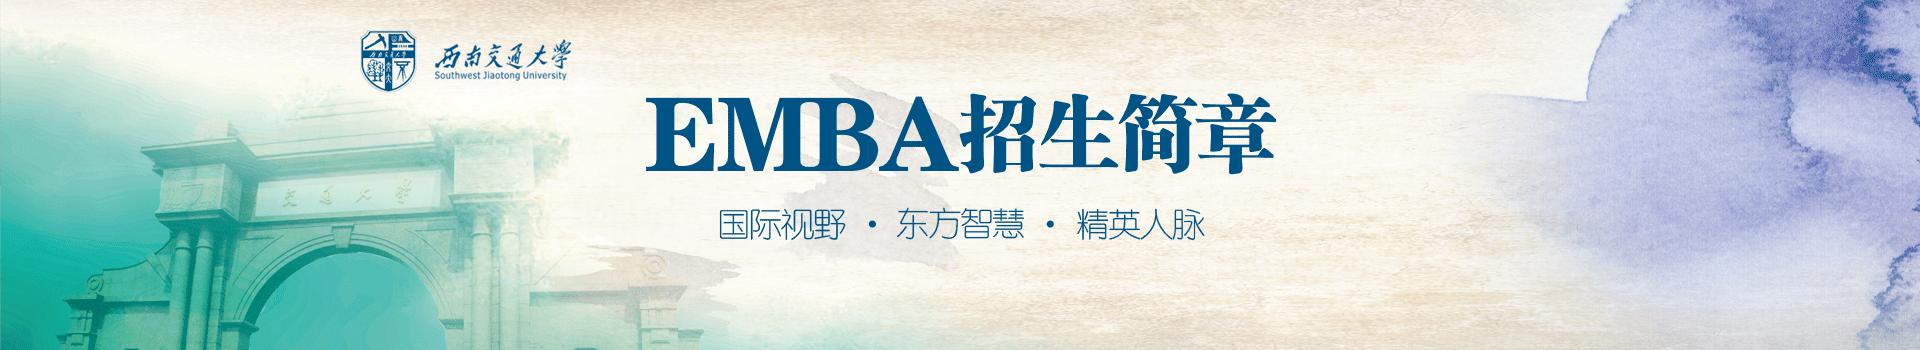 西南交通大学经济管理学院高级工商管理硕士EMBA招生简章